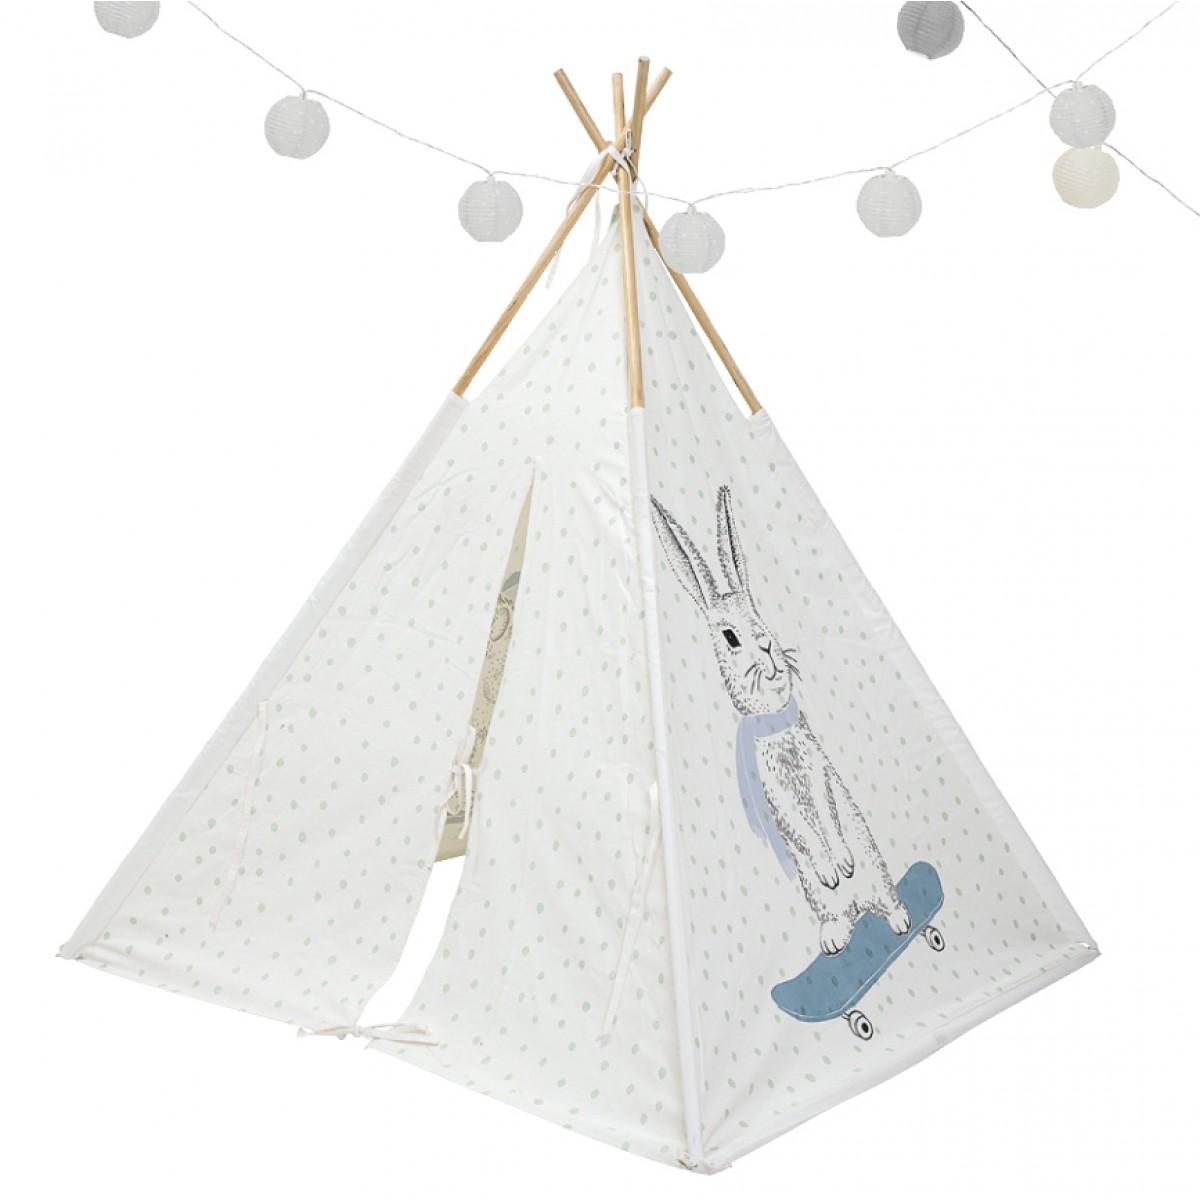 Rabbit Motif Powder Blue Dots  - Teepee Tent